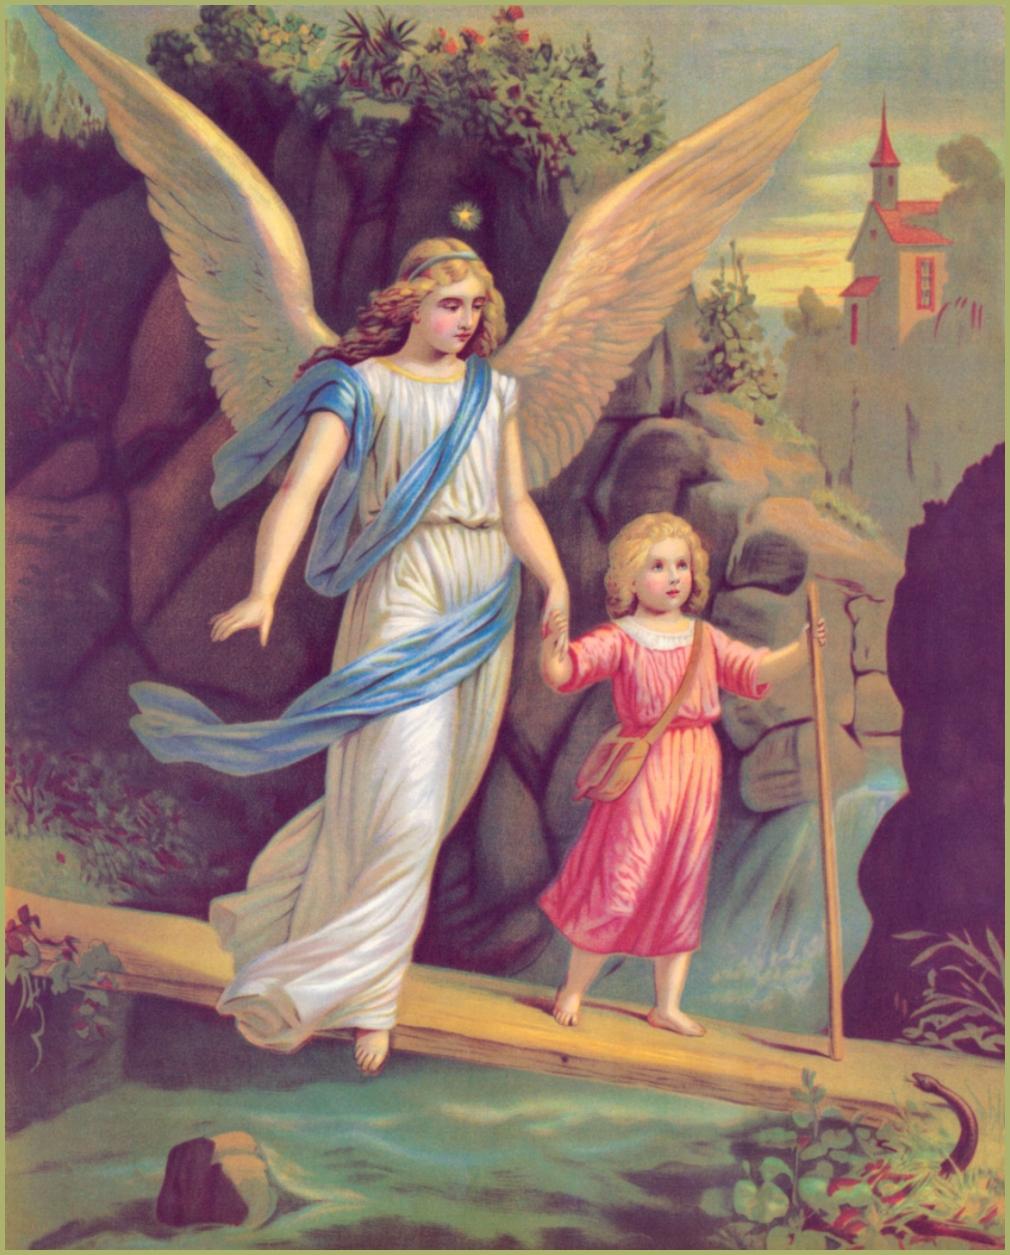 Hình ảnh thiên thần cực đẹp mắt